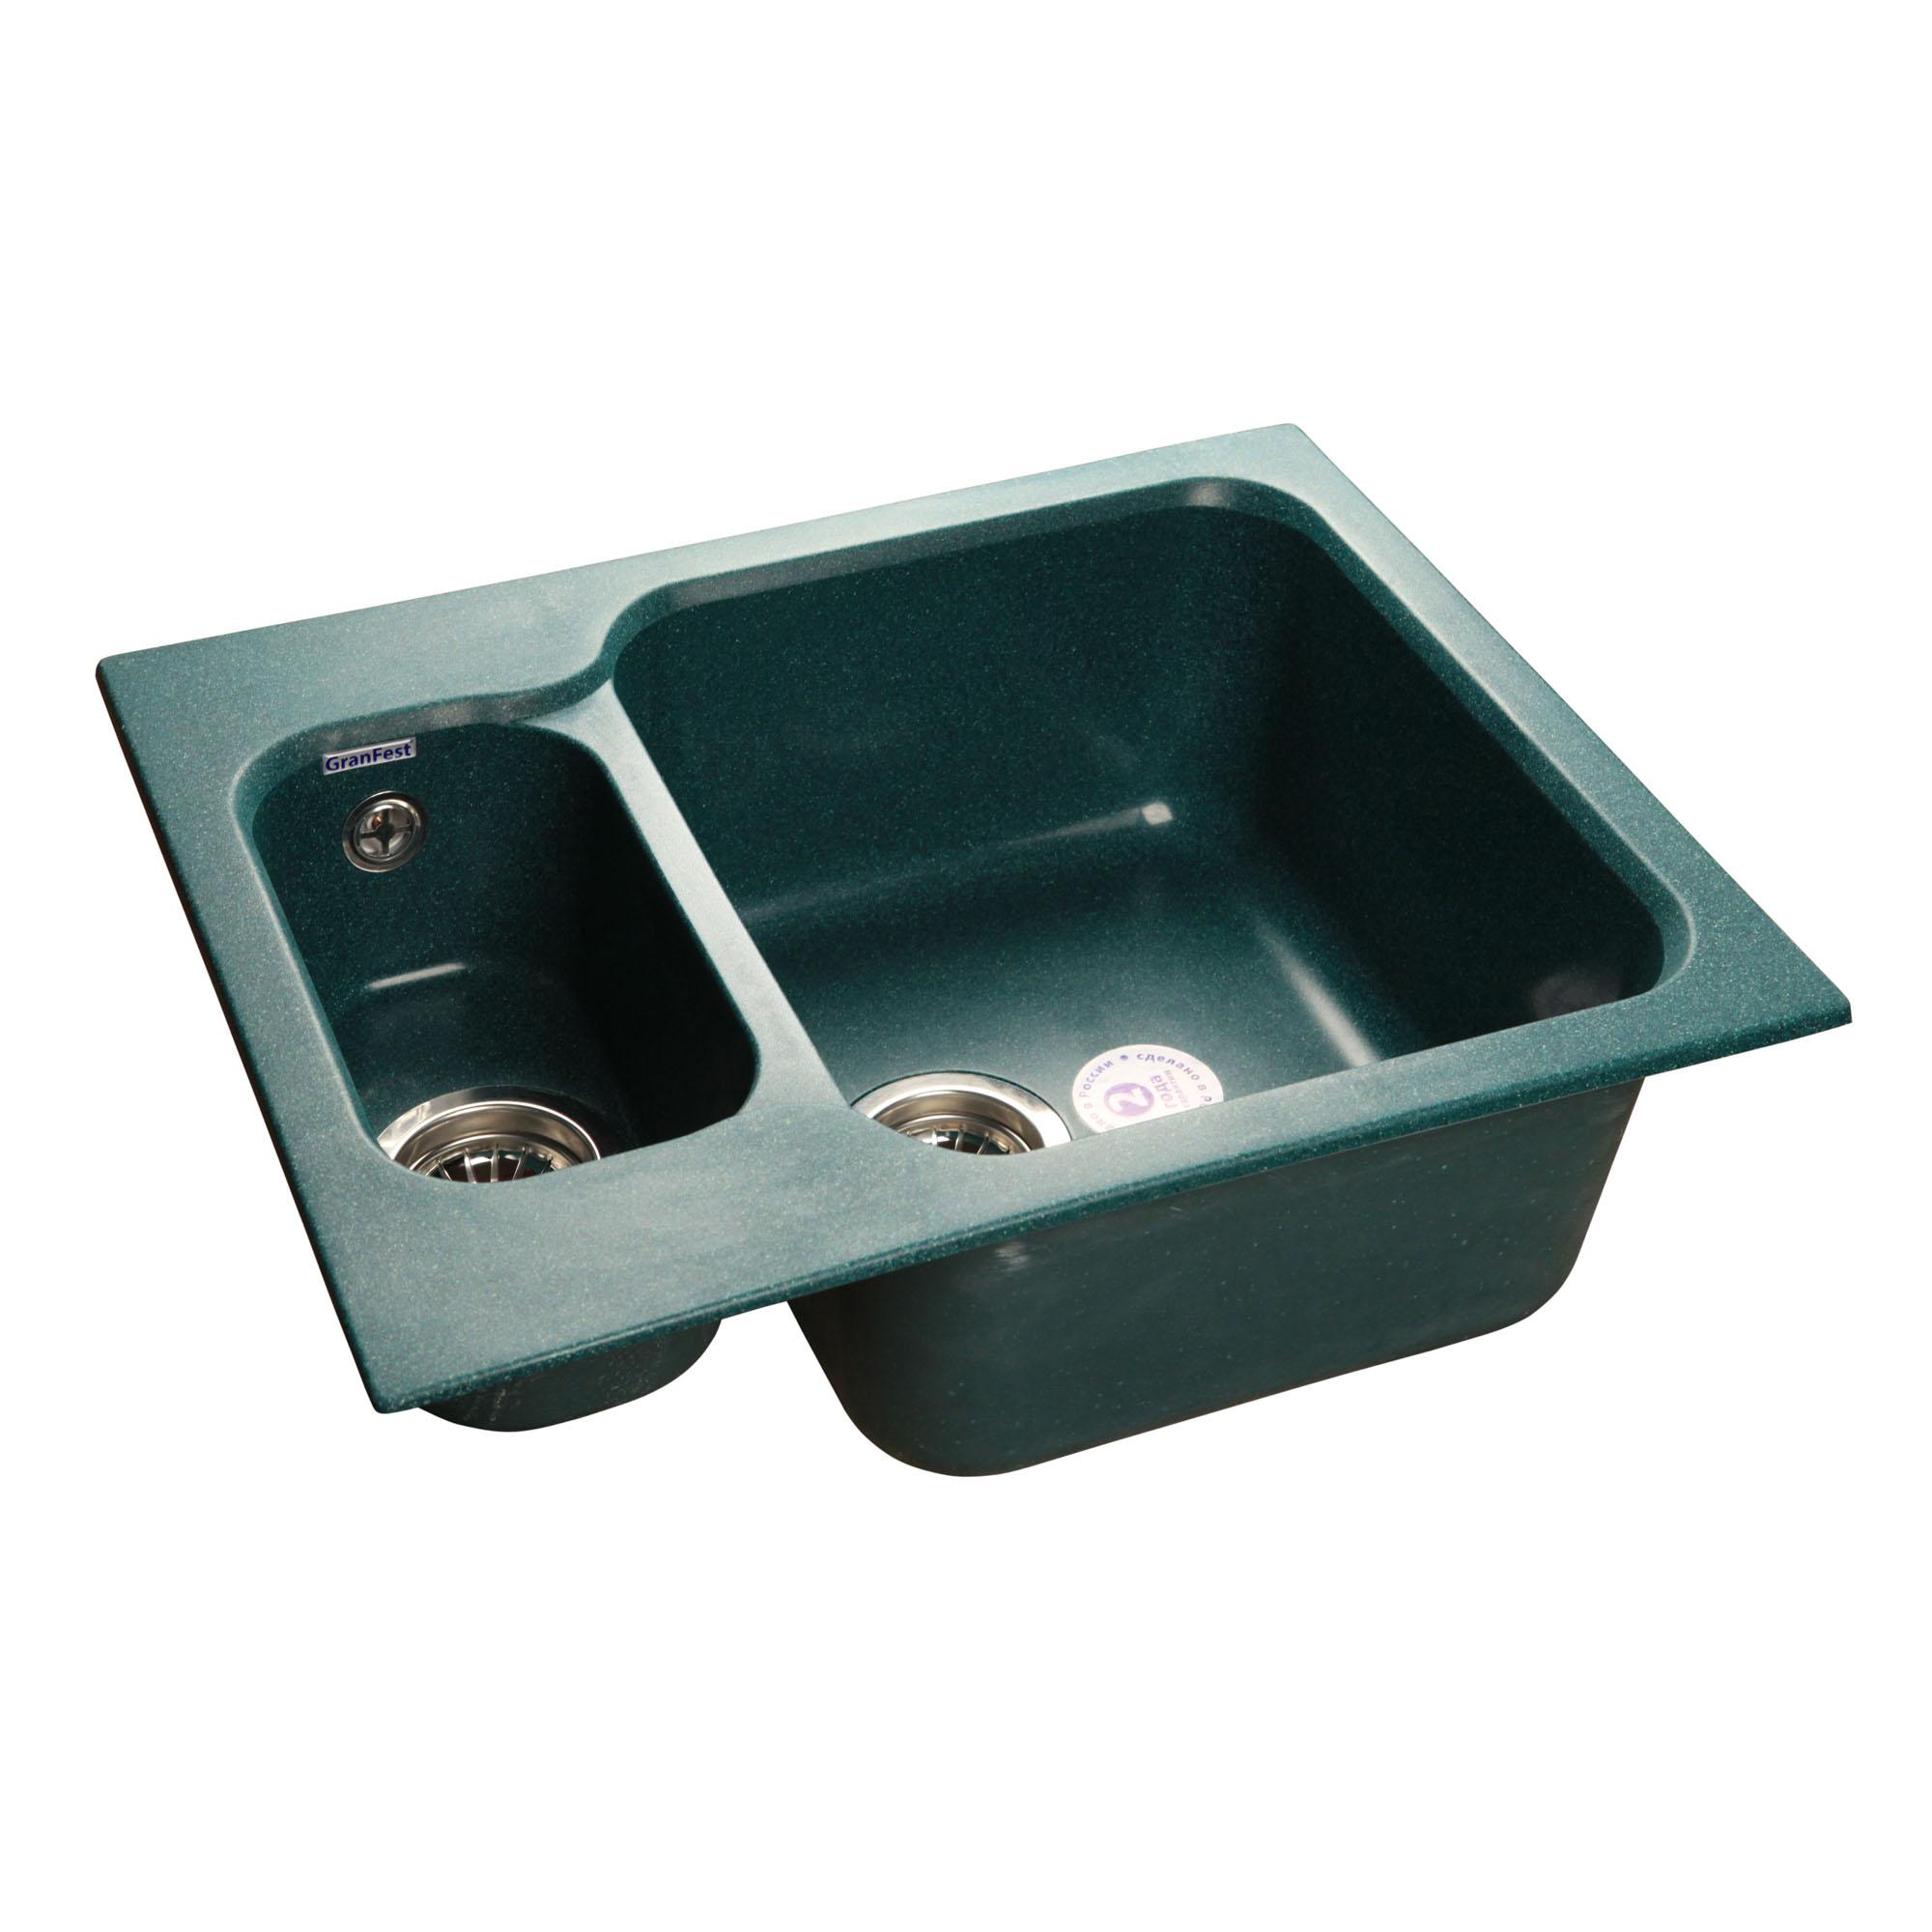 Кухонная мойка GranFest Standart GF-S615K зеленый стоимость